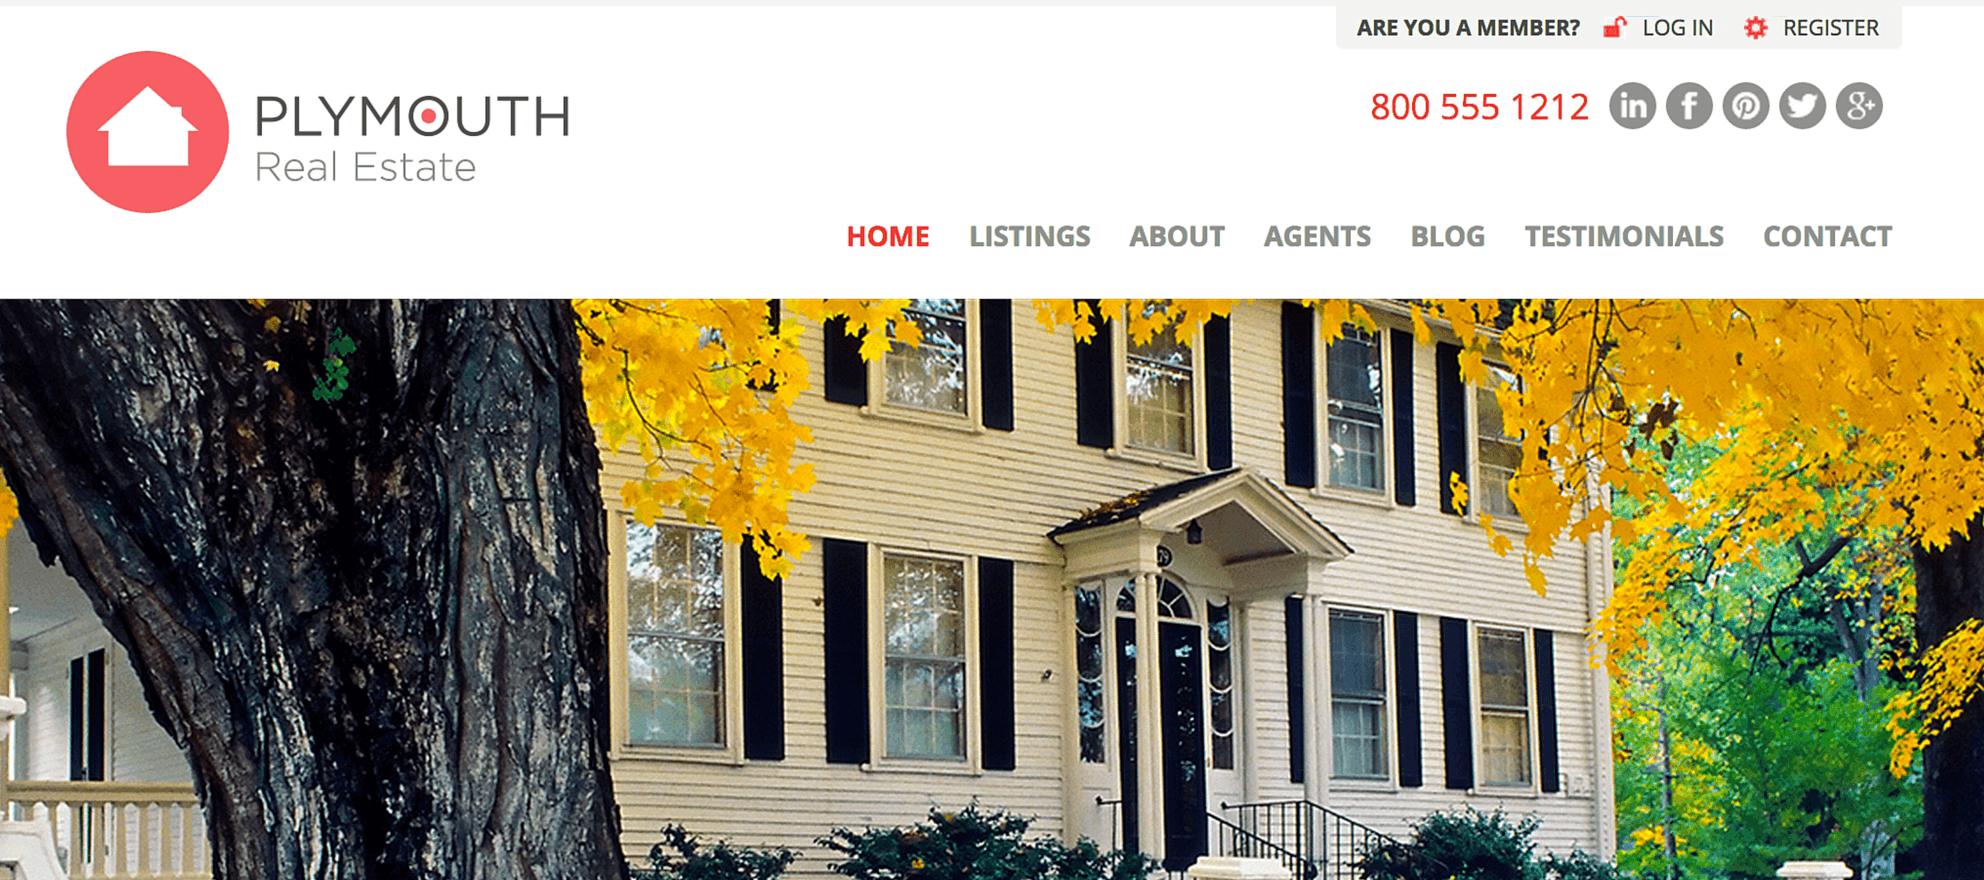 Placester launches dirt-cheap broker website, marketing platform